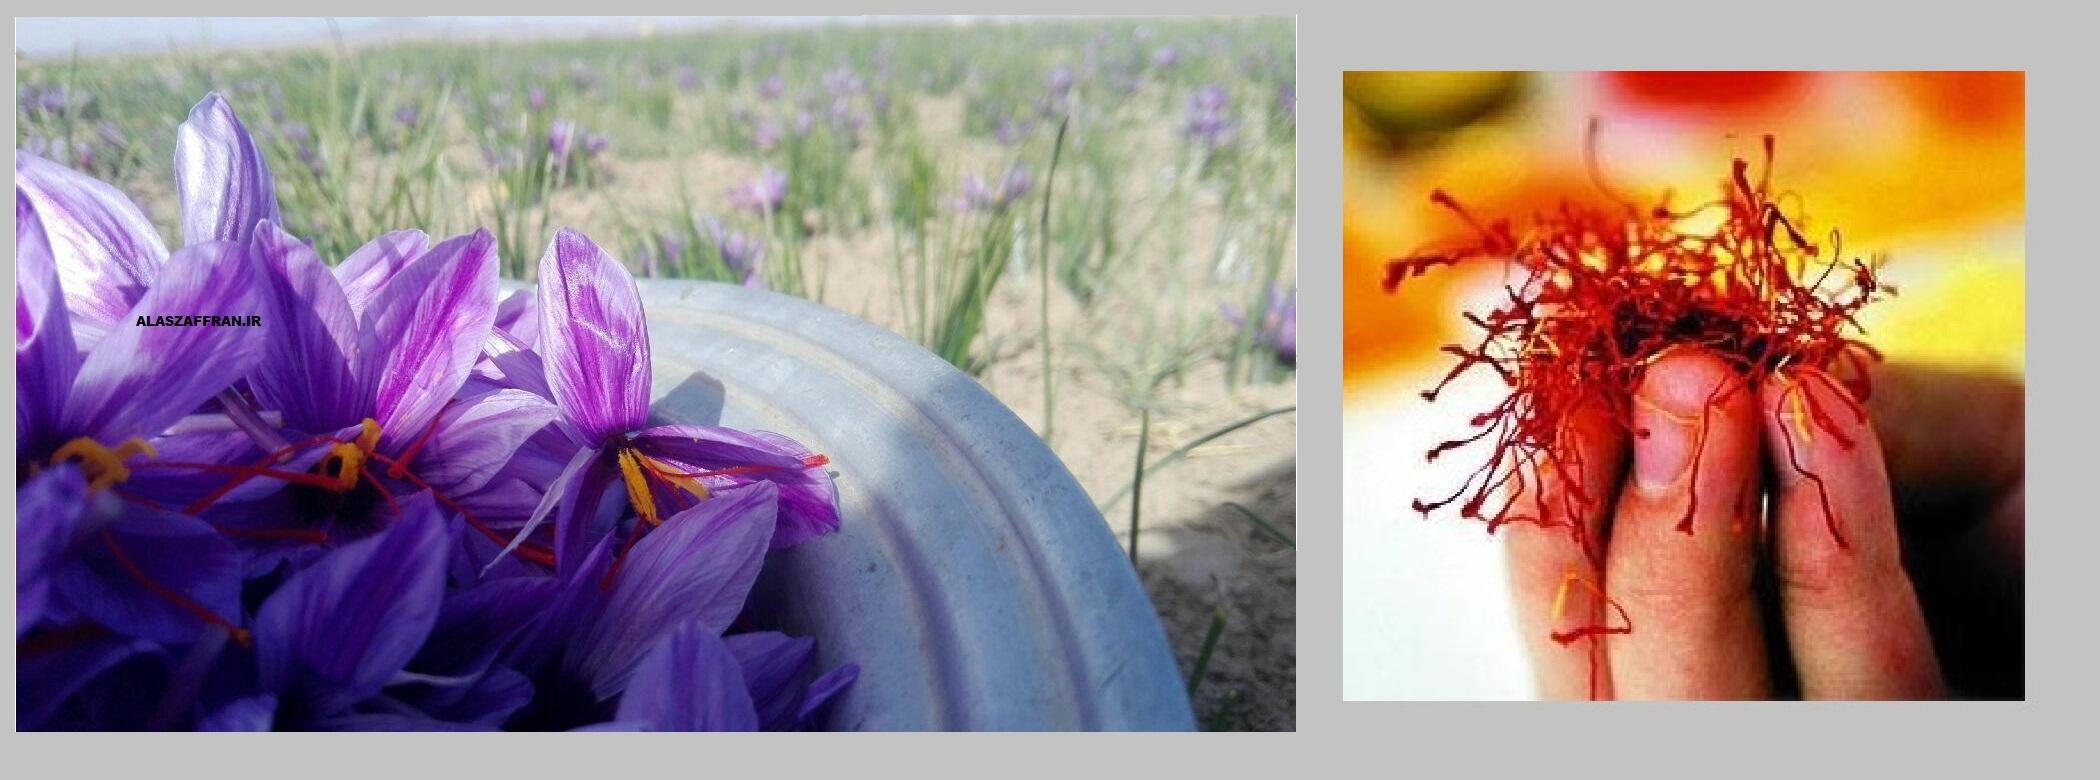 پیاز زعفران